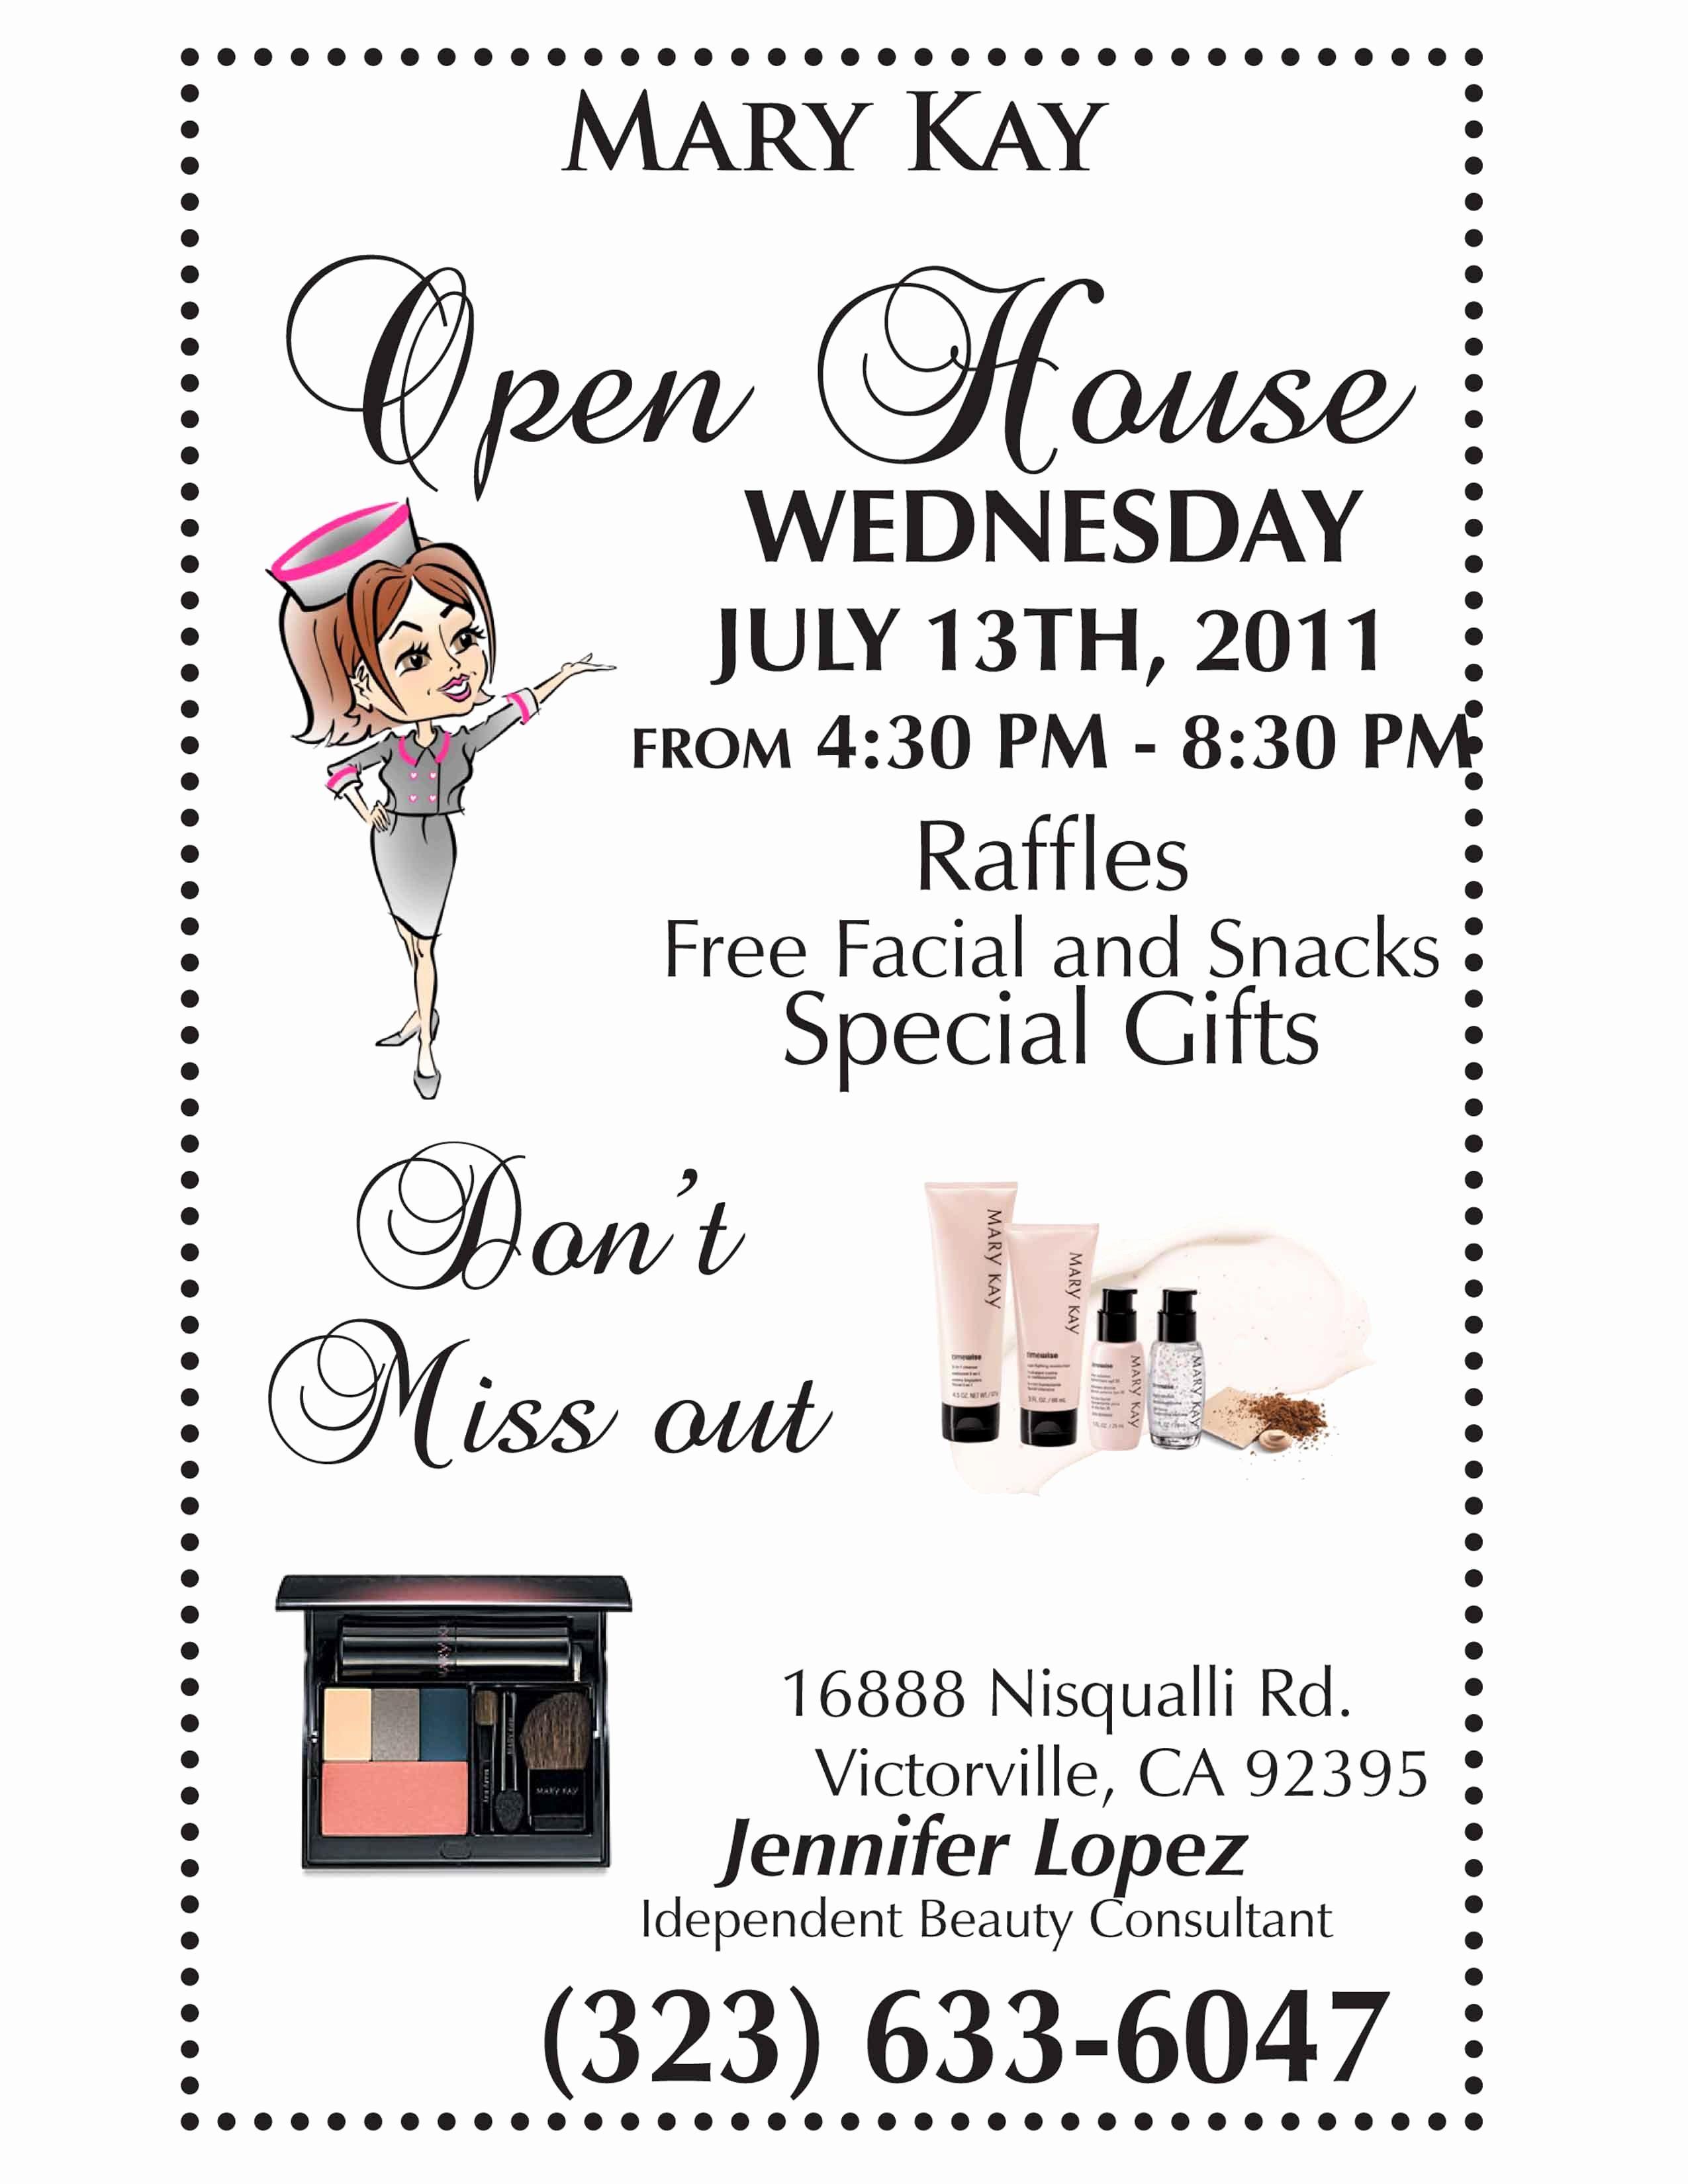 Mary Kay Party Invitation Ideas Beautiful Mary Kay Open